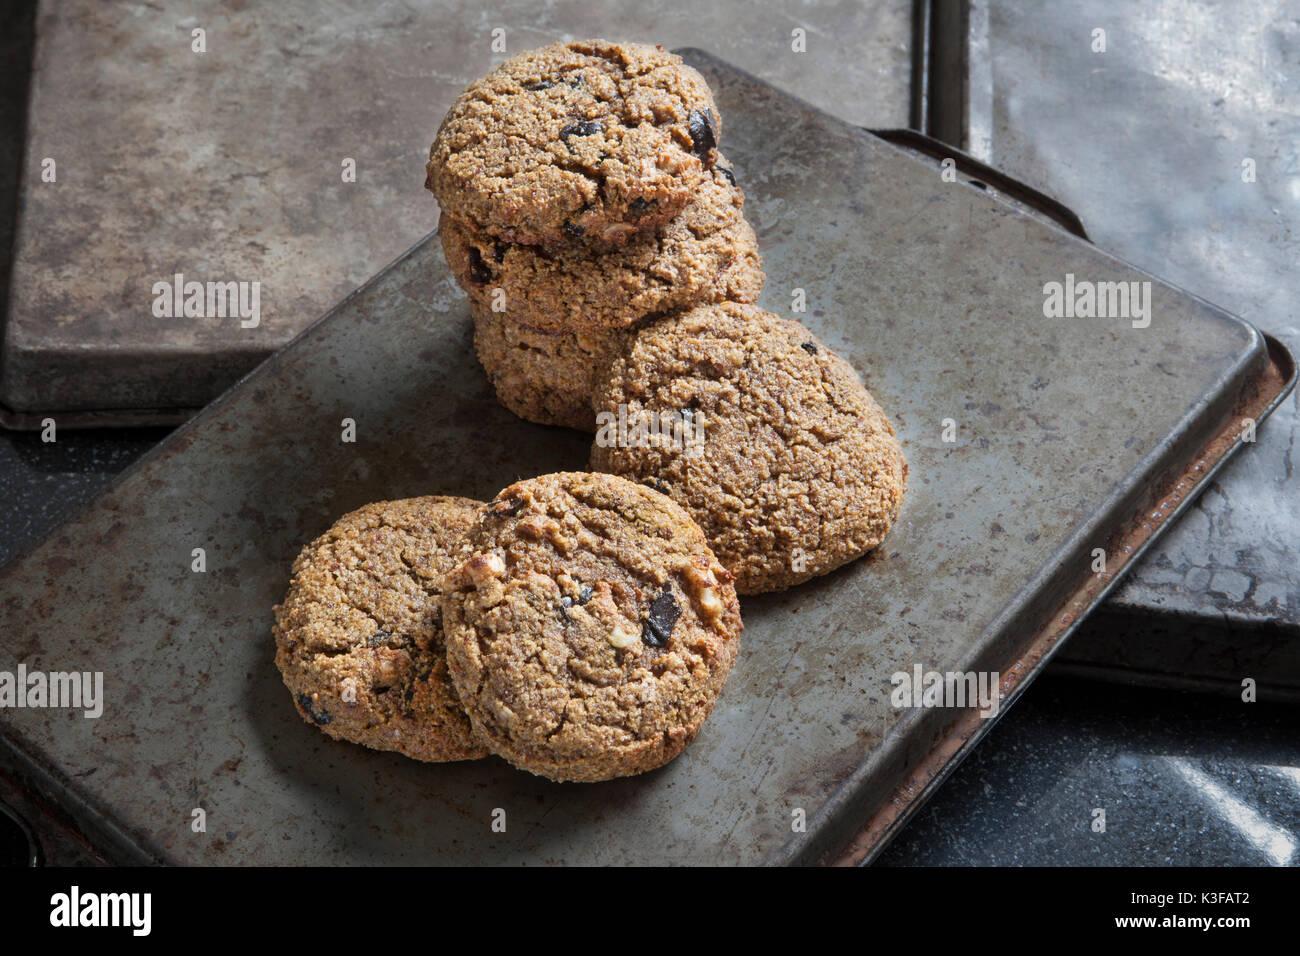 Glutenfreies Pumpkin Spice Cookies mit Walnüssen und dunkle Schokolade Stockbild